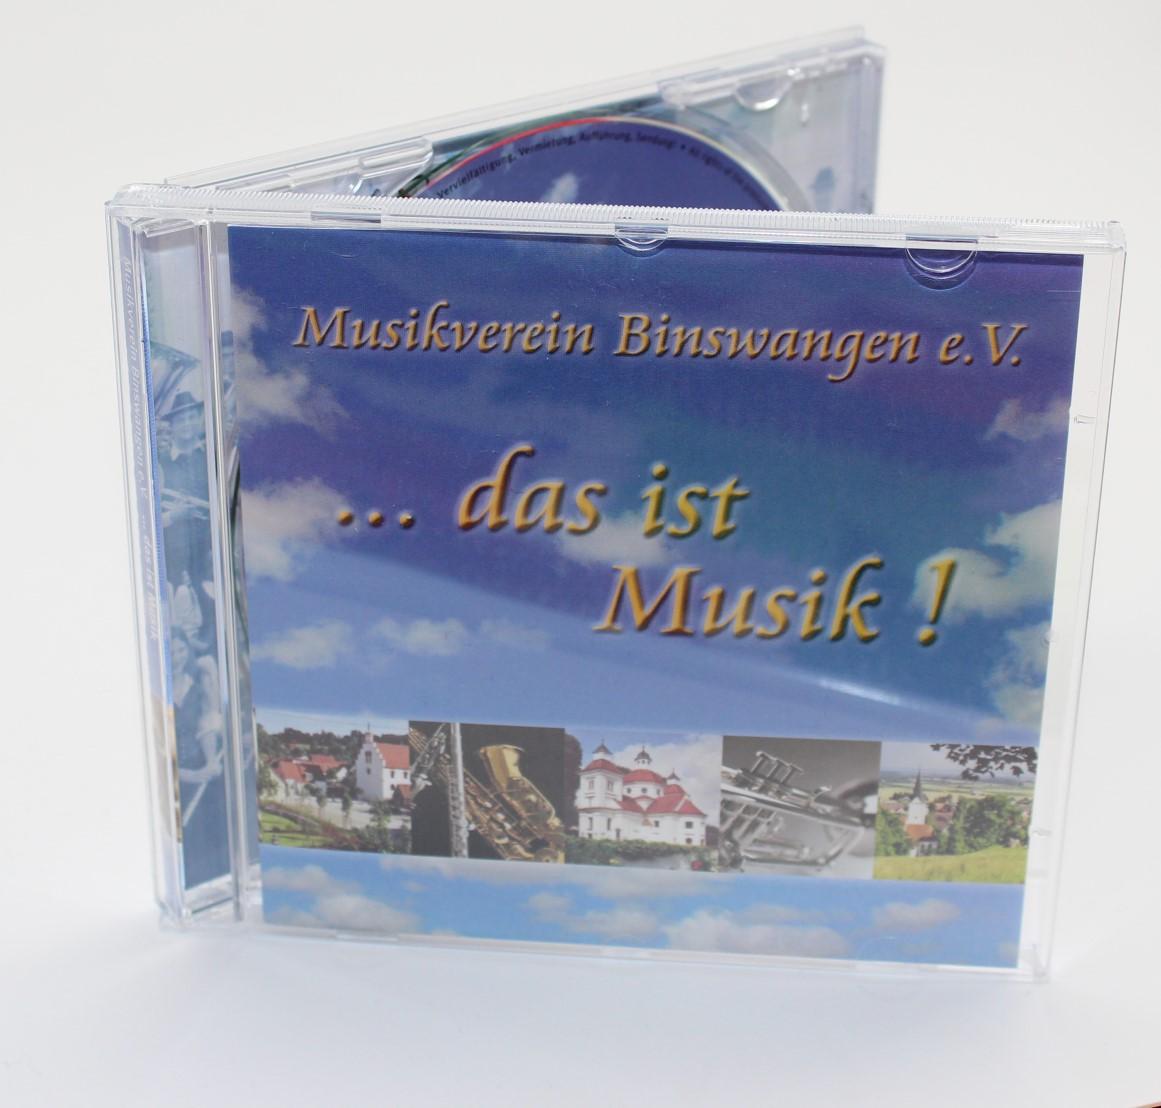 … das ist Musik!